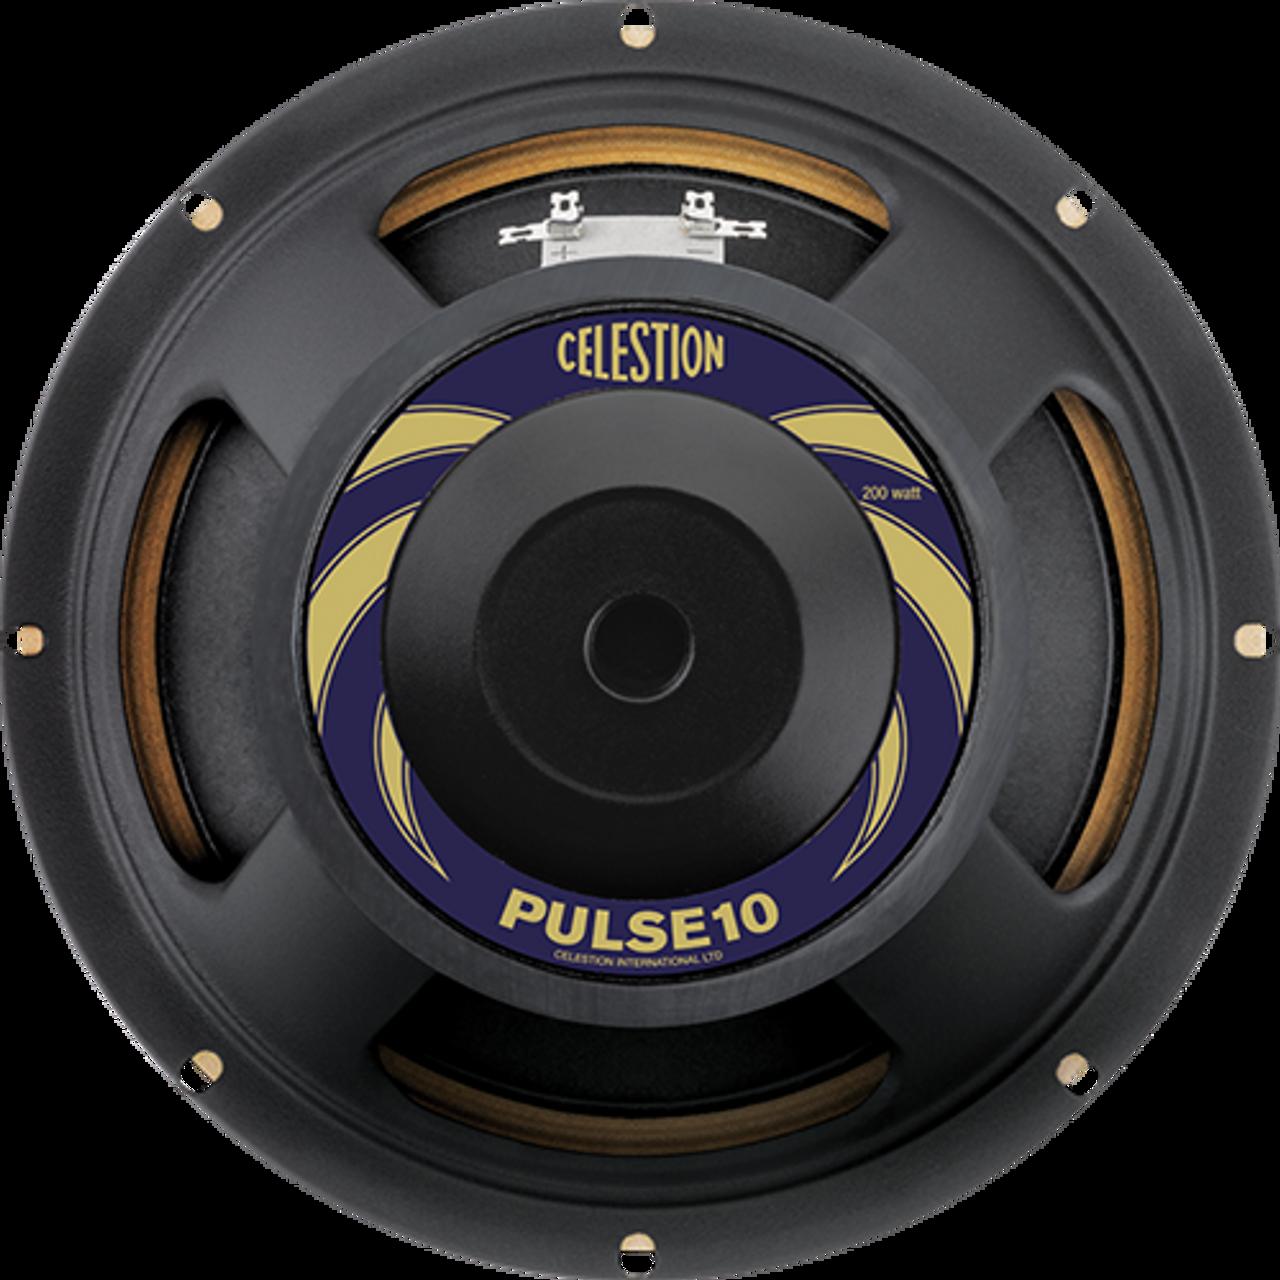 Celestion Pulse 10 - 200W 8ohms